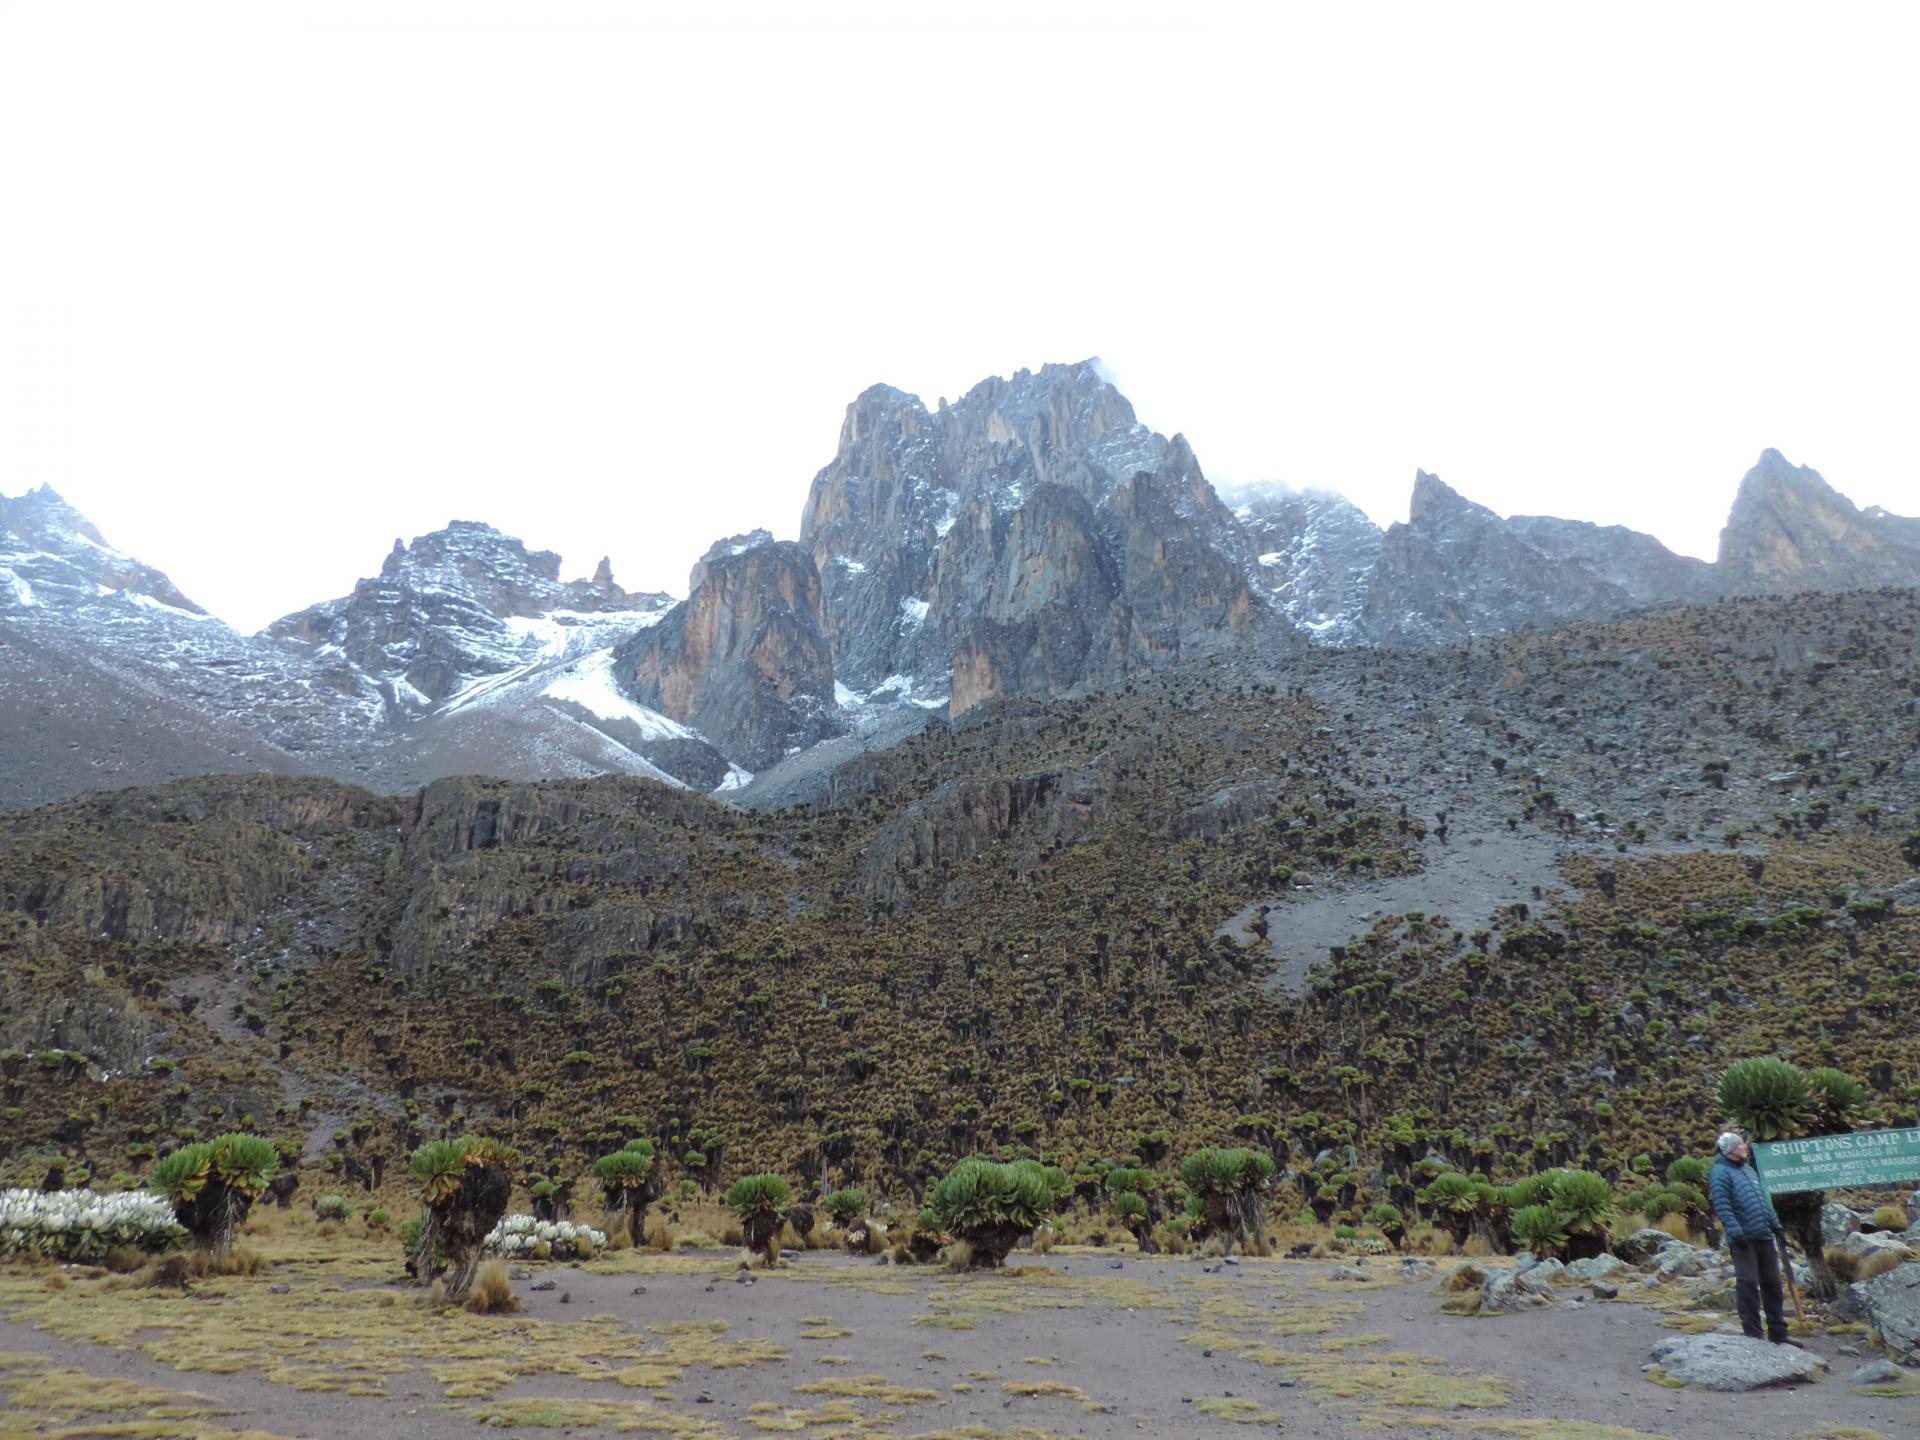 Mt Kenya Summit,mountain adventures, budget travel, trekking, hiking, mount kenya safaris, small group adventures, mountain climbing, climbing Kenya mountain,Mountain Kenya